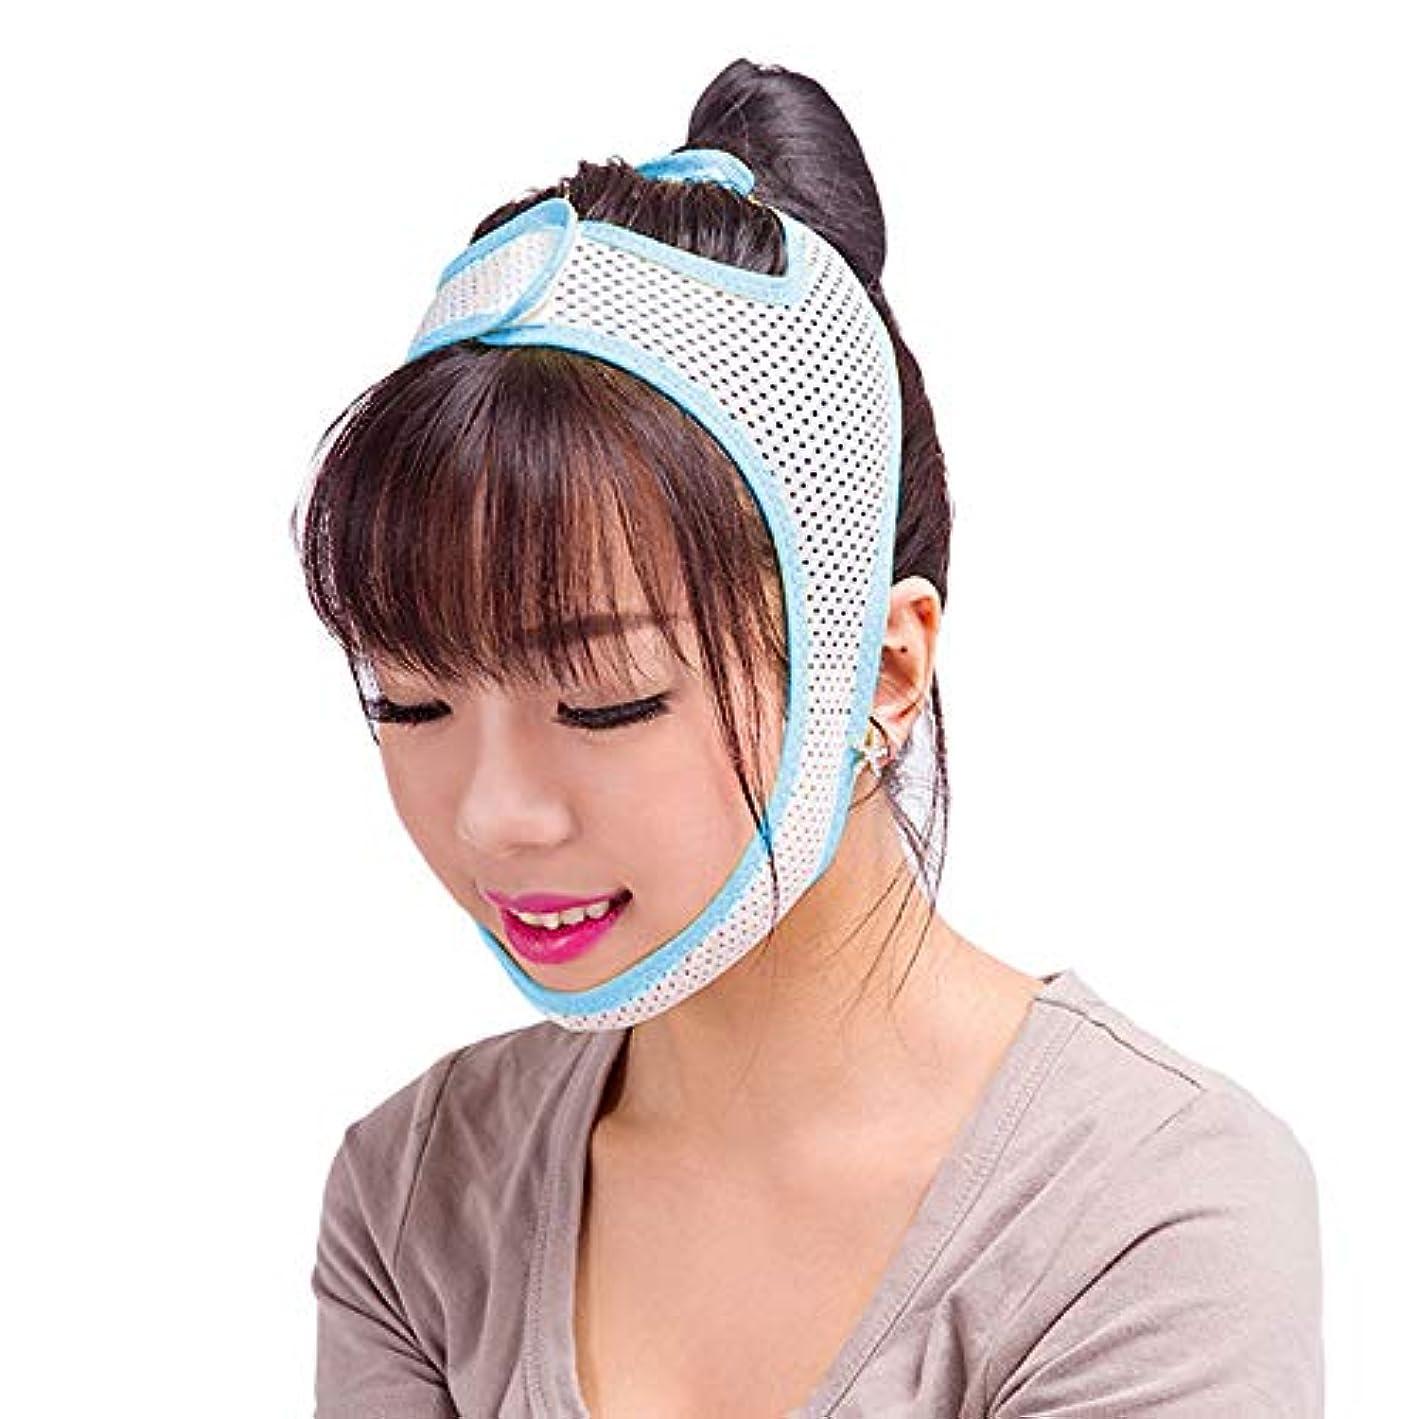 ささやきブラスト幸福超薄型の フェイスリフト包帯、フェイスリフトマスク付き/プル二重あご咬合法則パターン(青と白),M